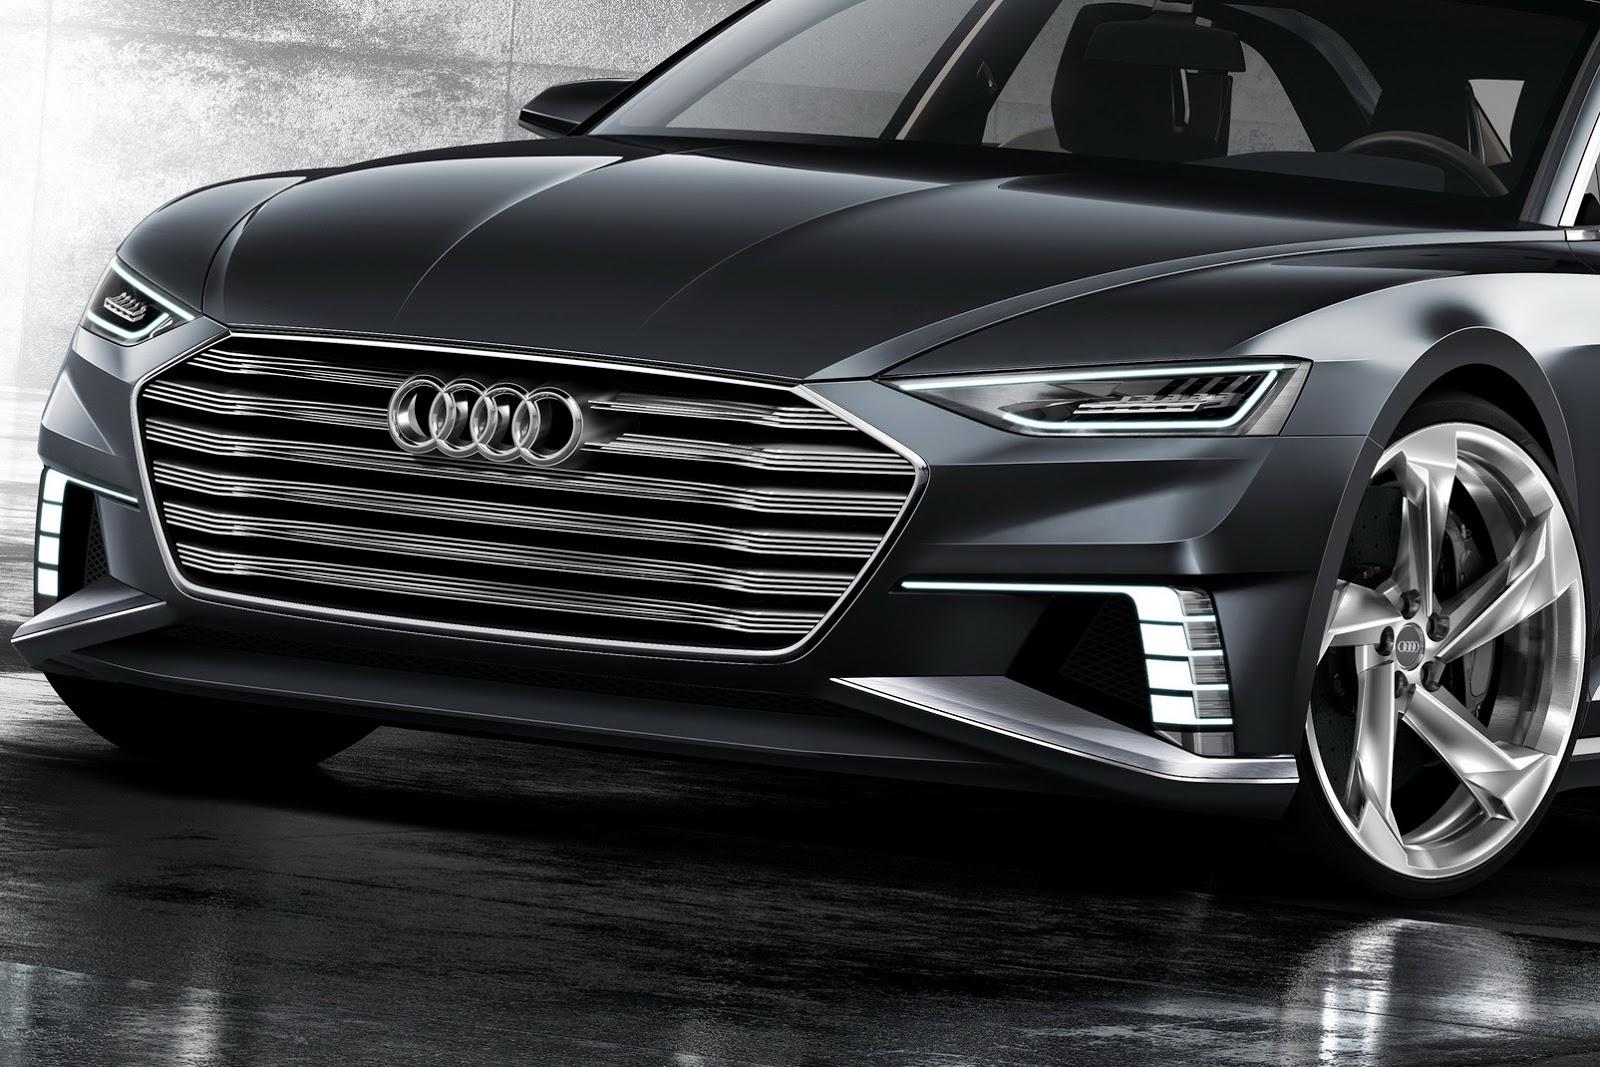 Nova Car Wallpaper Audi Prologue Avant Concept Revealed With Tdi V6 Will